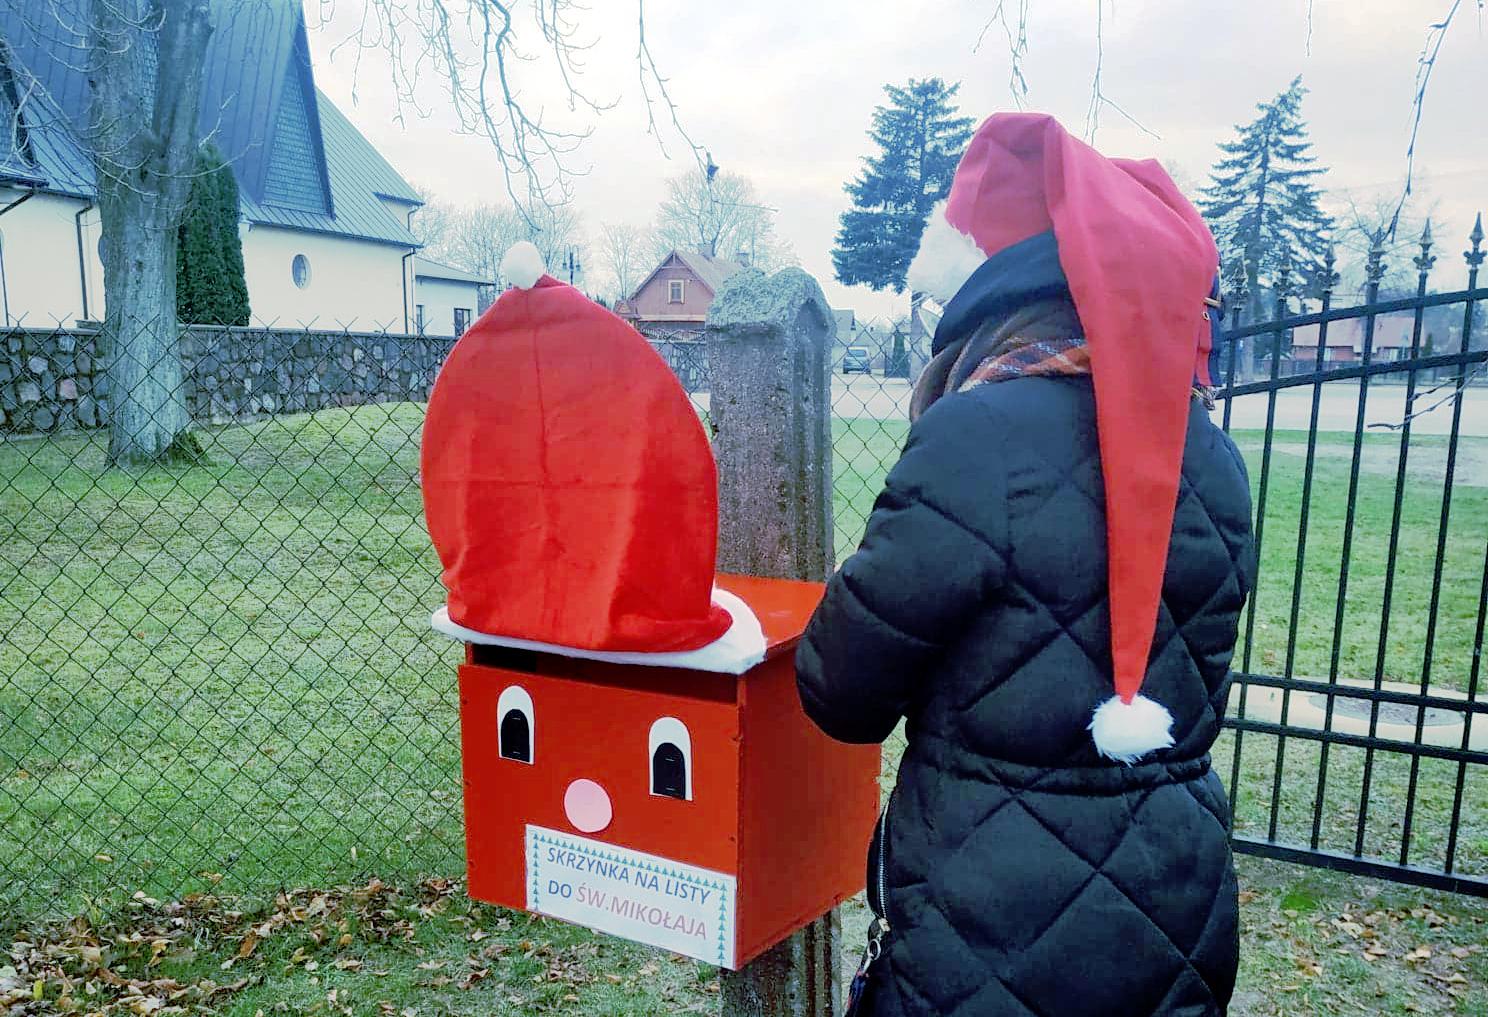 STOCZEK W gminie ruszyła świąteczna poczta - Zdjęcie główne